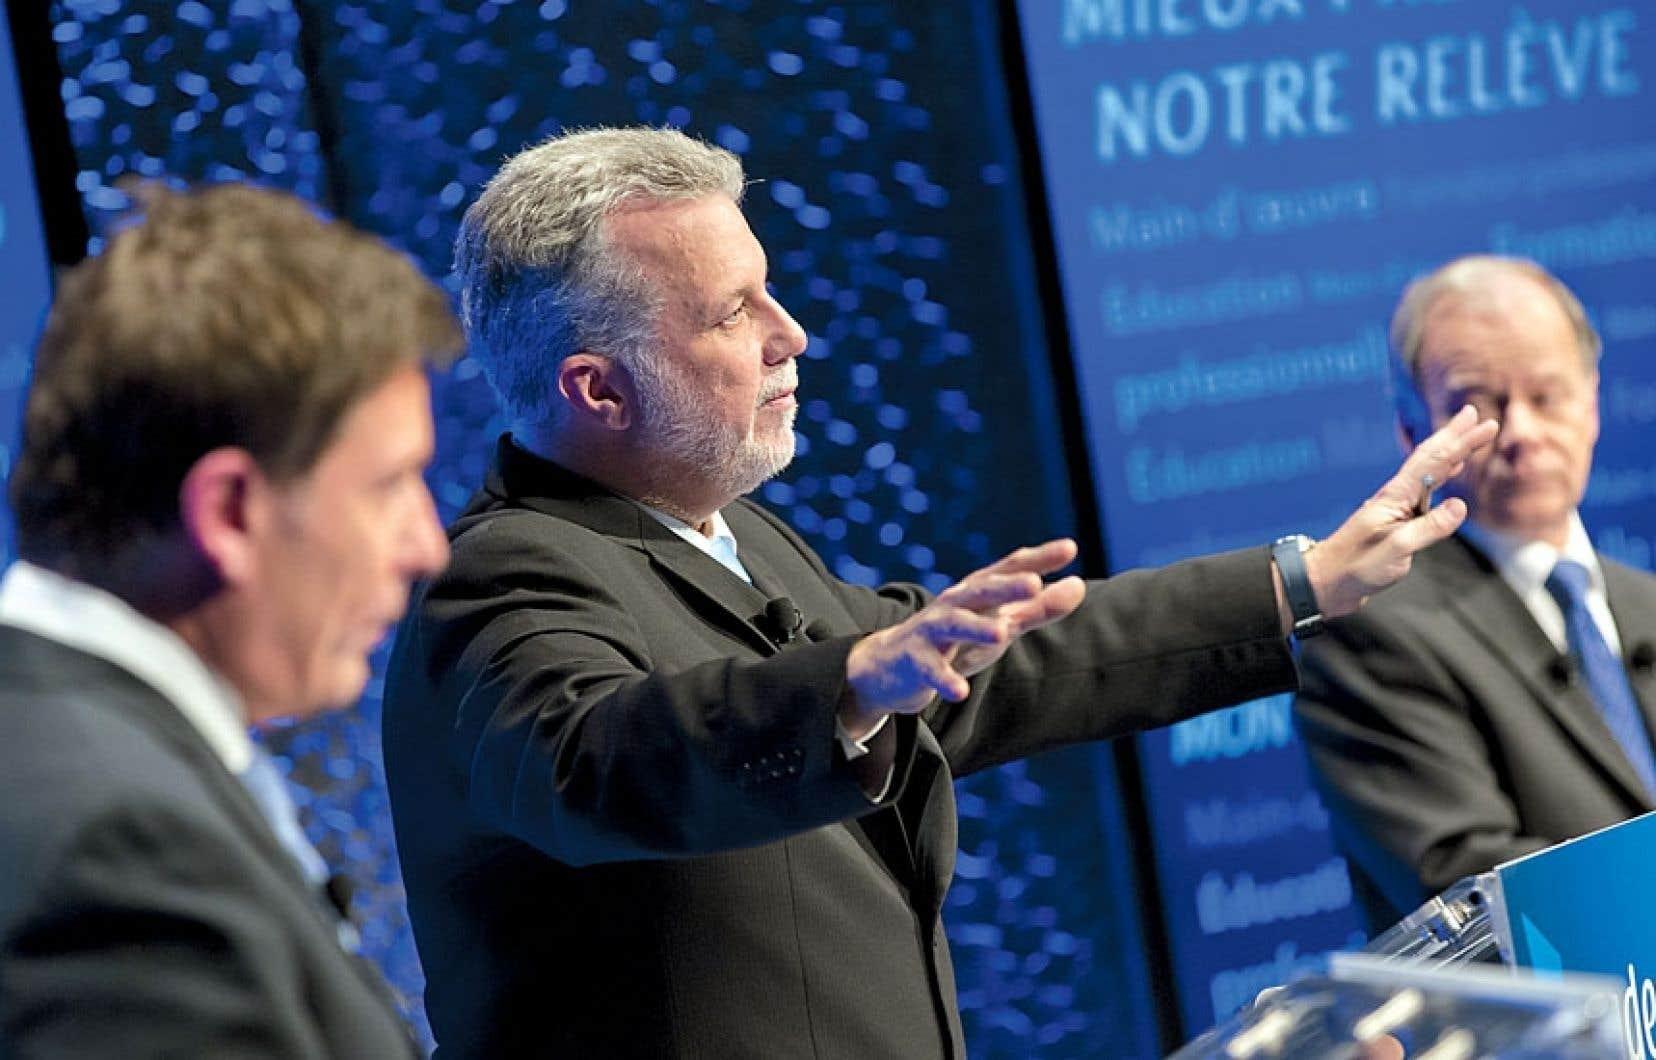 Tant Pierre Moreau que Raymond Bachand ont dirigé leurs principales attaques contre Philippe Couillard, qui est en avance dans les sondages.